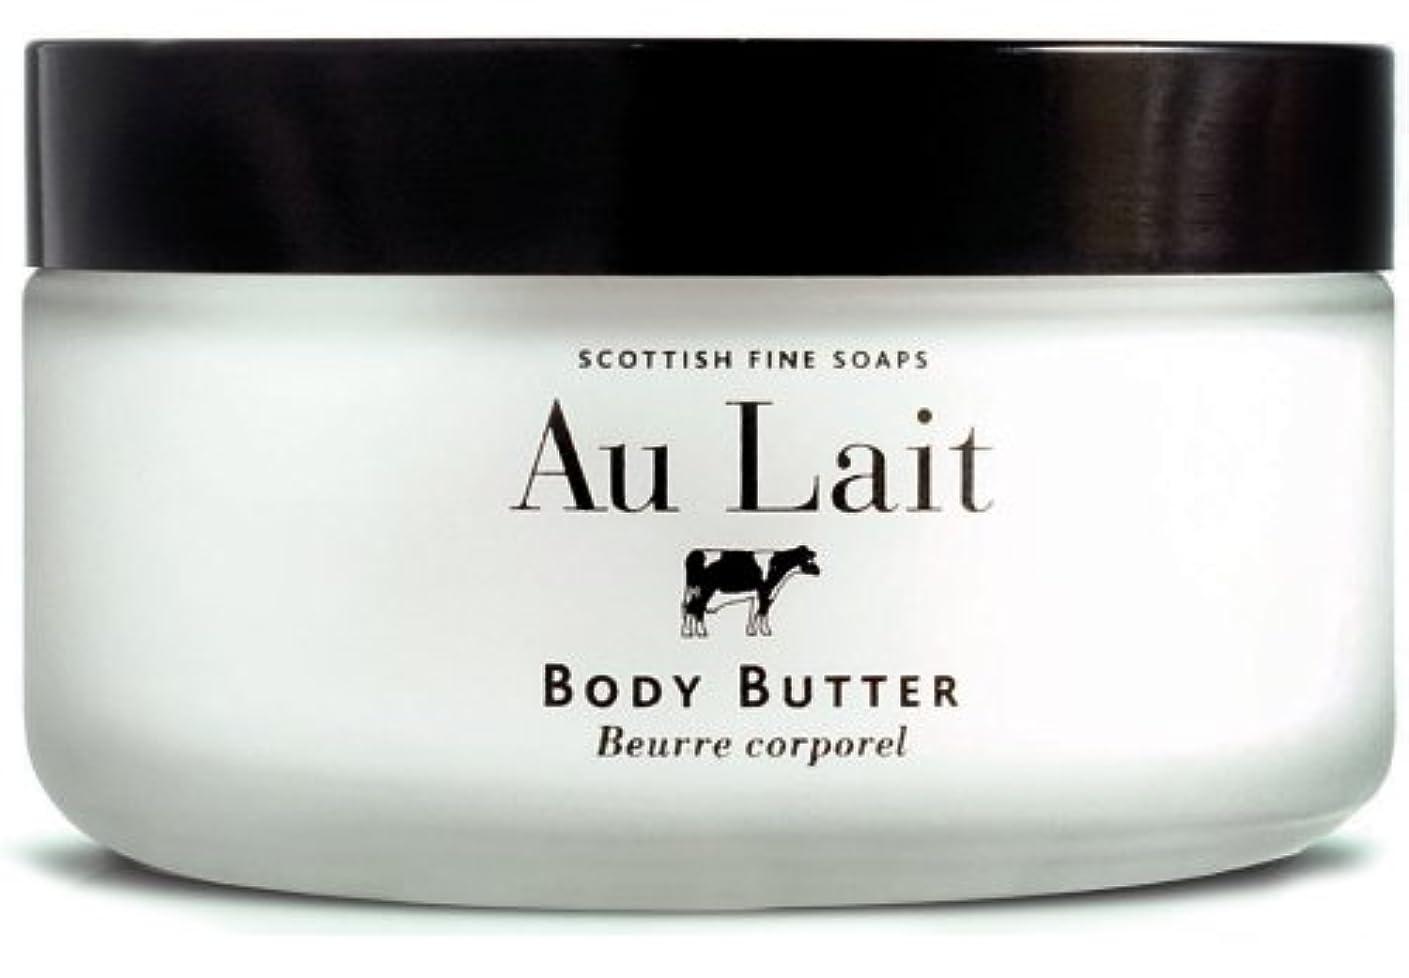 コークス踏みつけ外科医SCOTTISH FINE SOAPS (スコティッシュファインソープ) Au Lait ボディバター